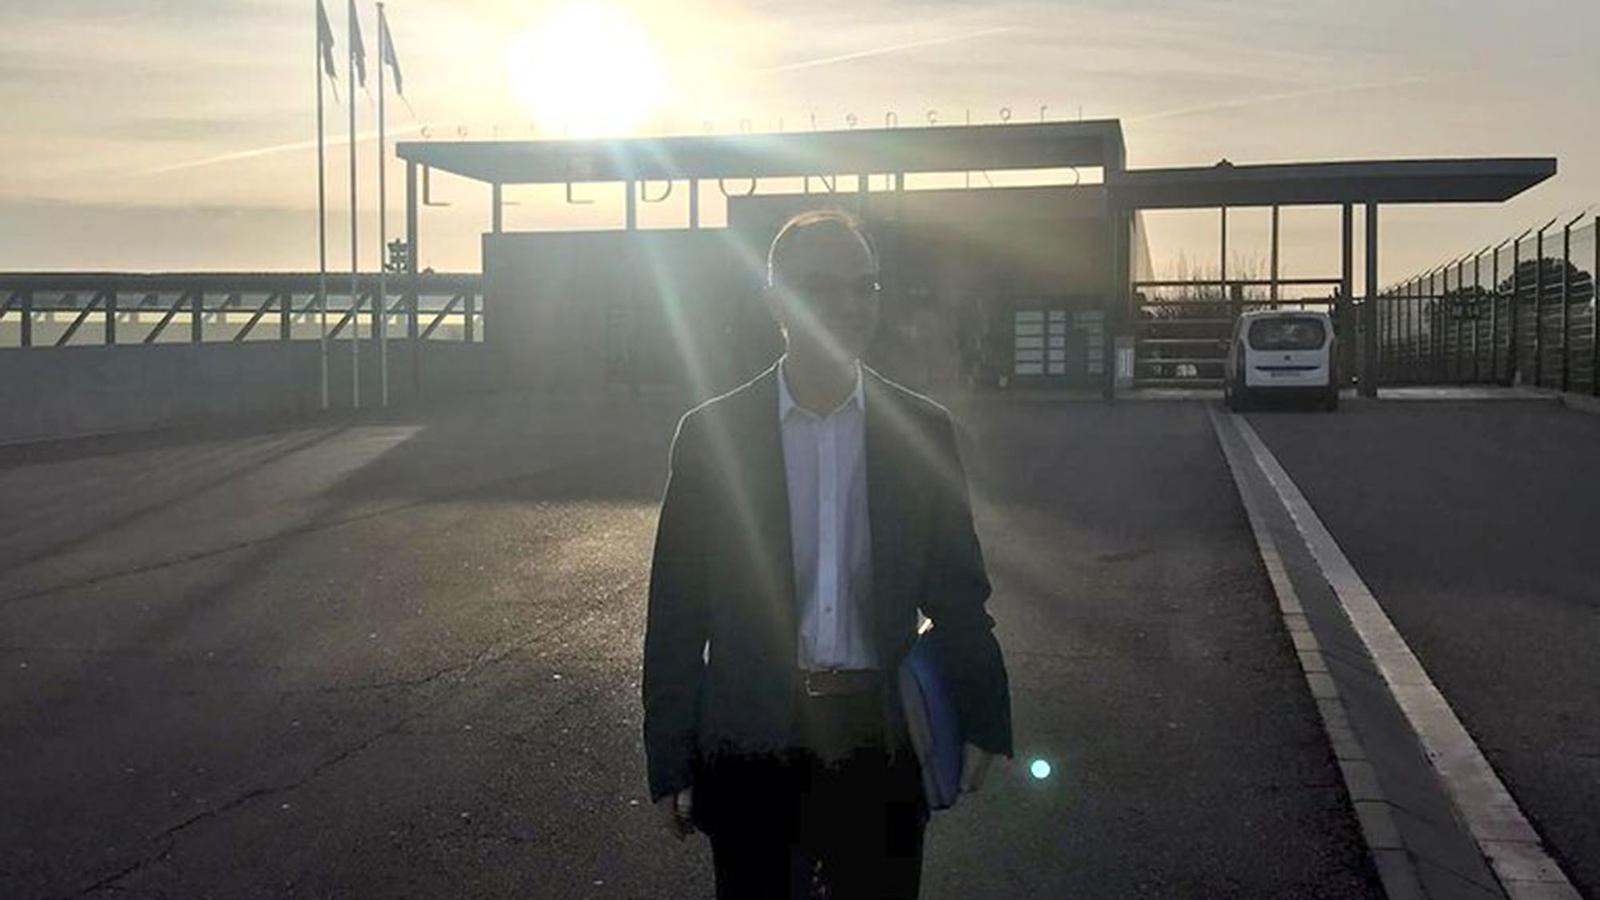 Imatge que el propi Jordi turull ha penjat al seu compte de Twitter, al sortir de Lledoners